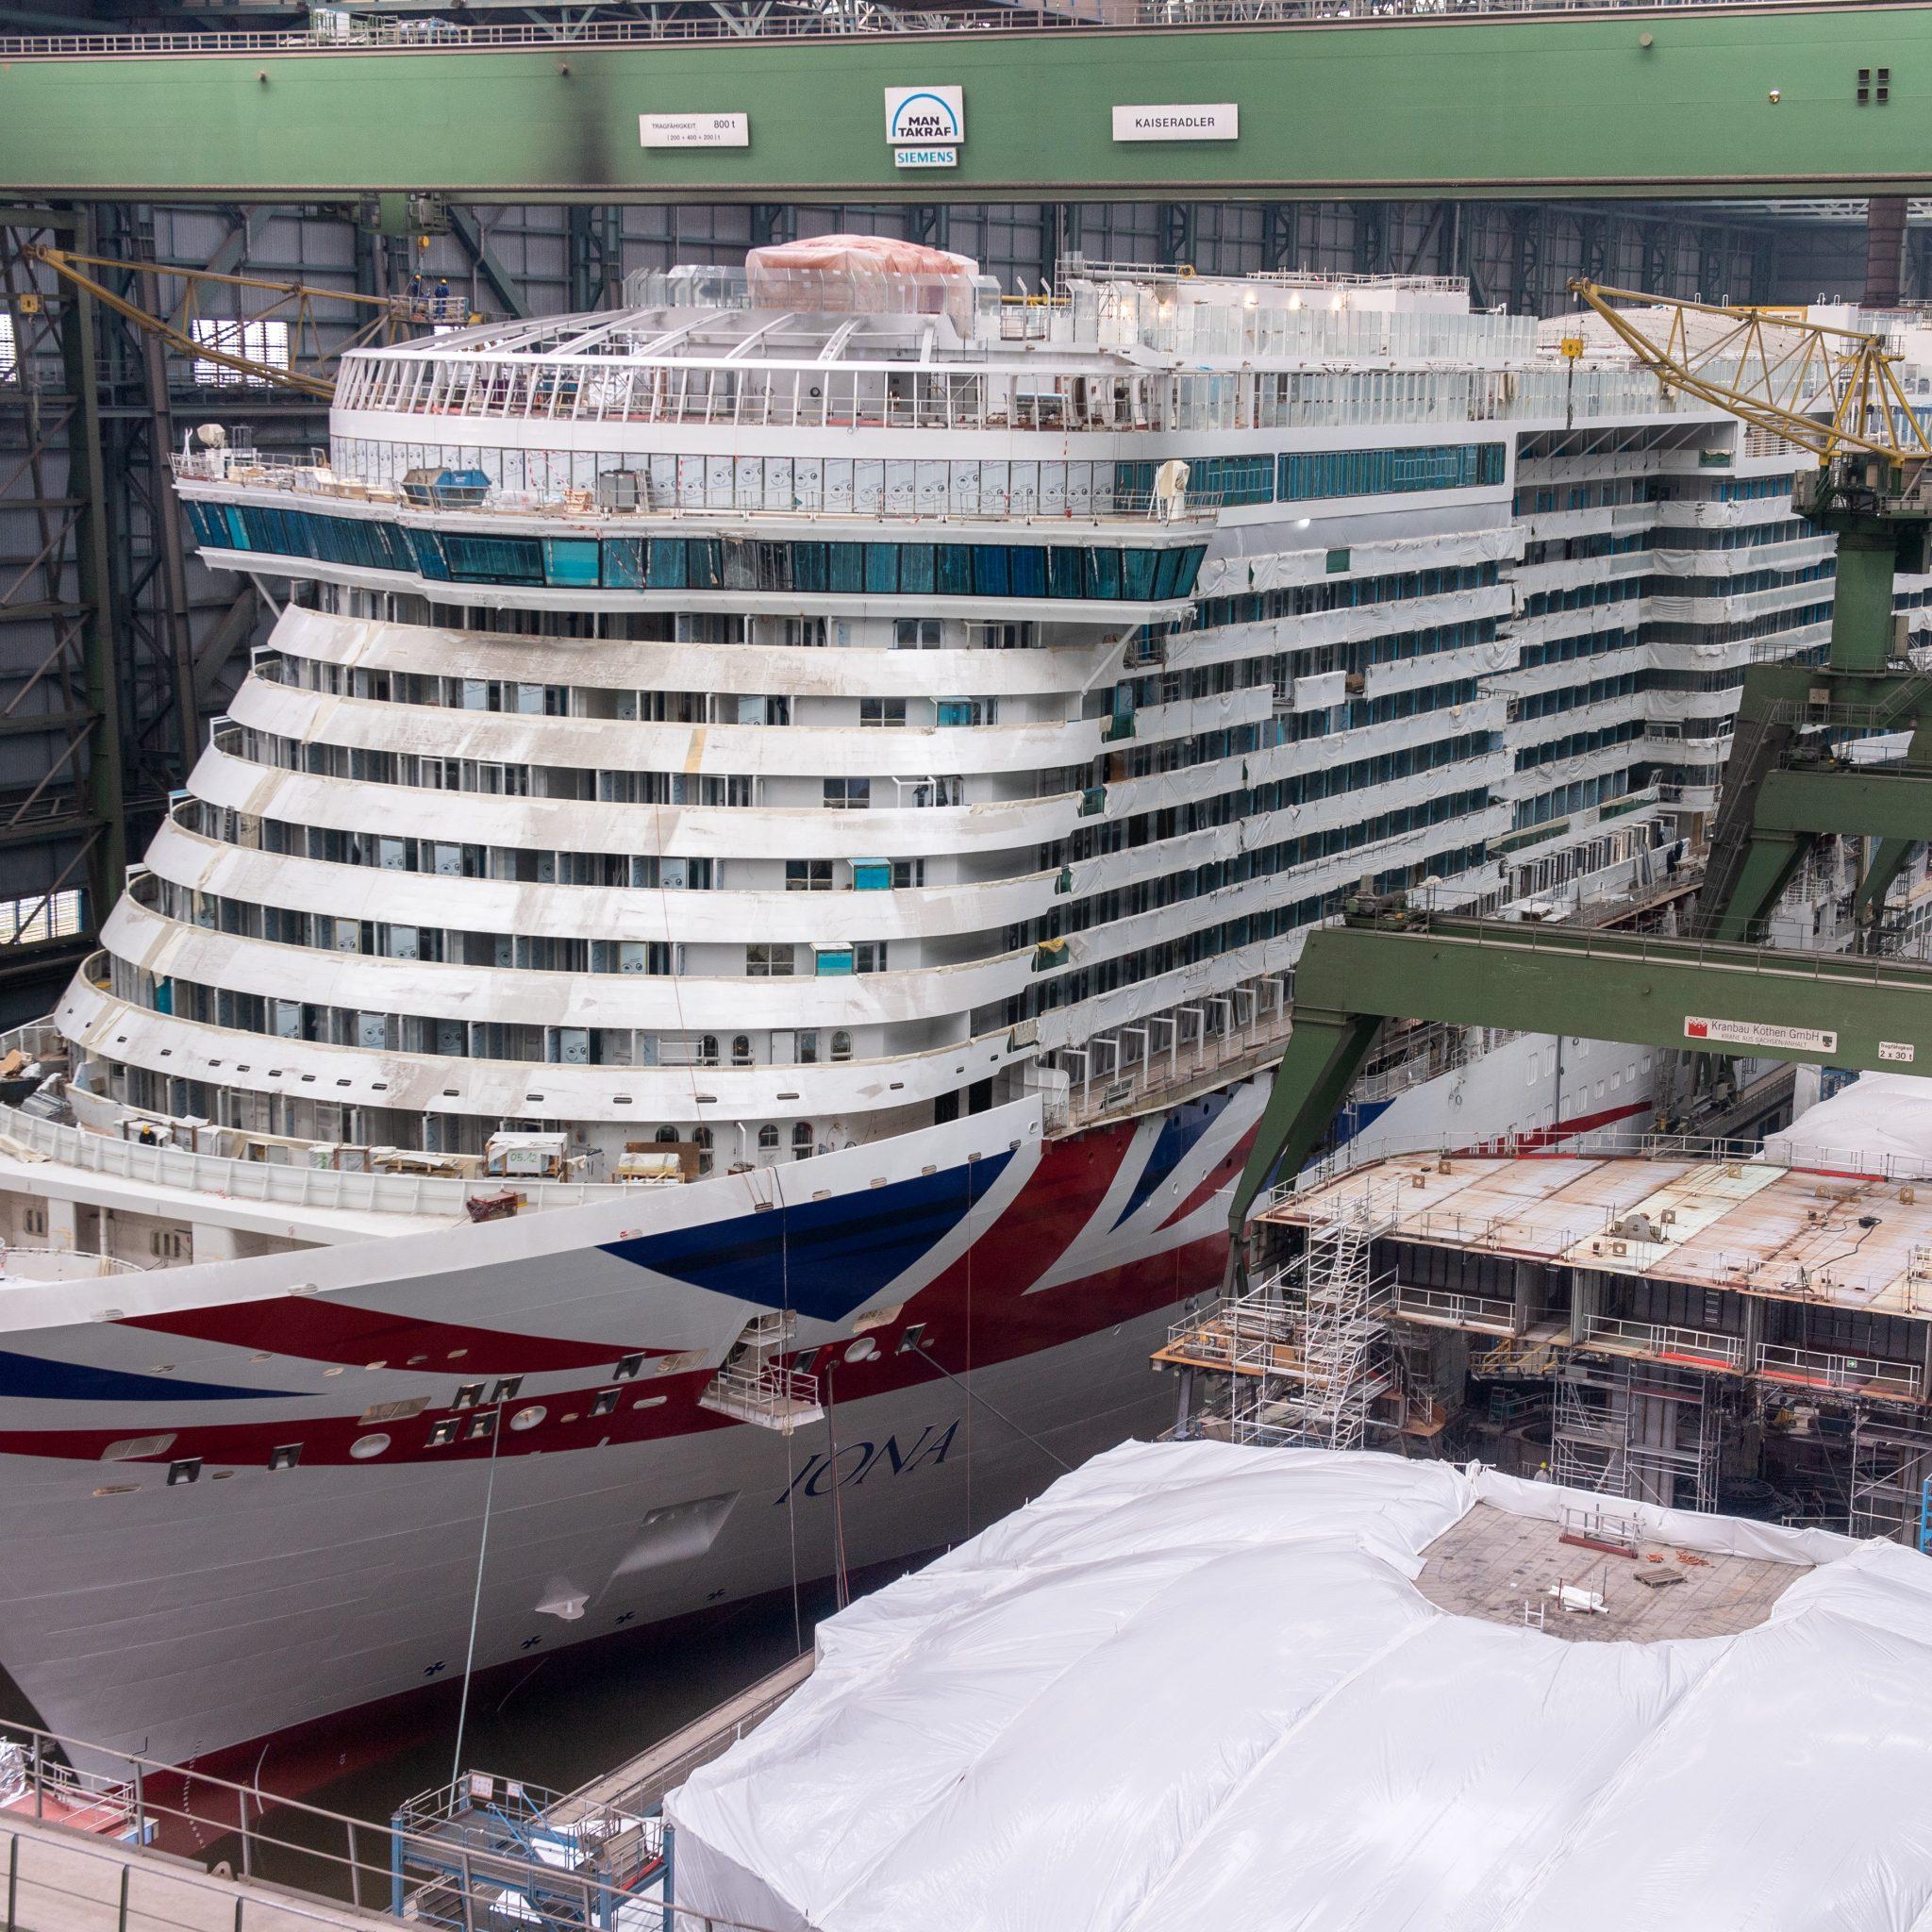 In oktober 2020 leverde de Meyer Werft de Iona op aan P&O Cruises; eind februari werd begonnen met de bouw van het zusterschip Arvia. De oplevering staat gepland voor eind 2022. (Foto Meyer Werft)